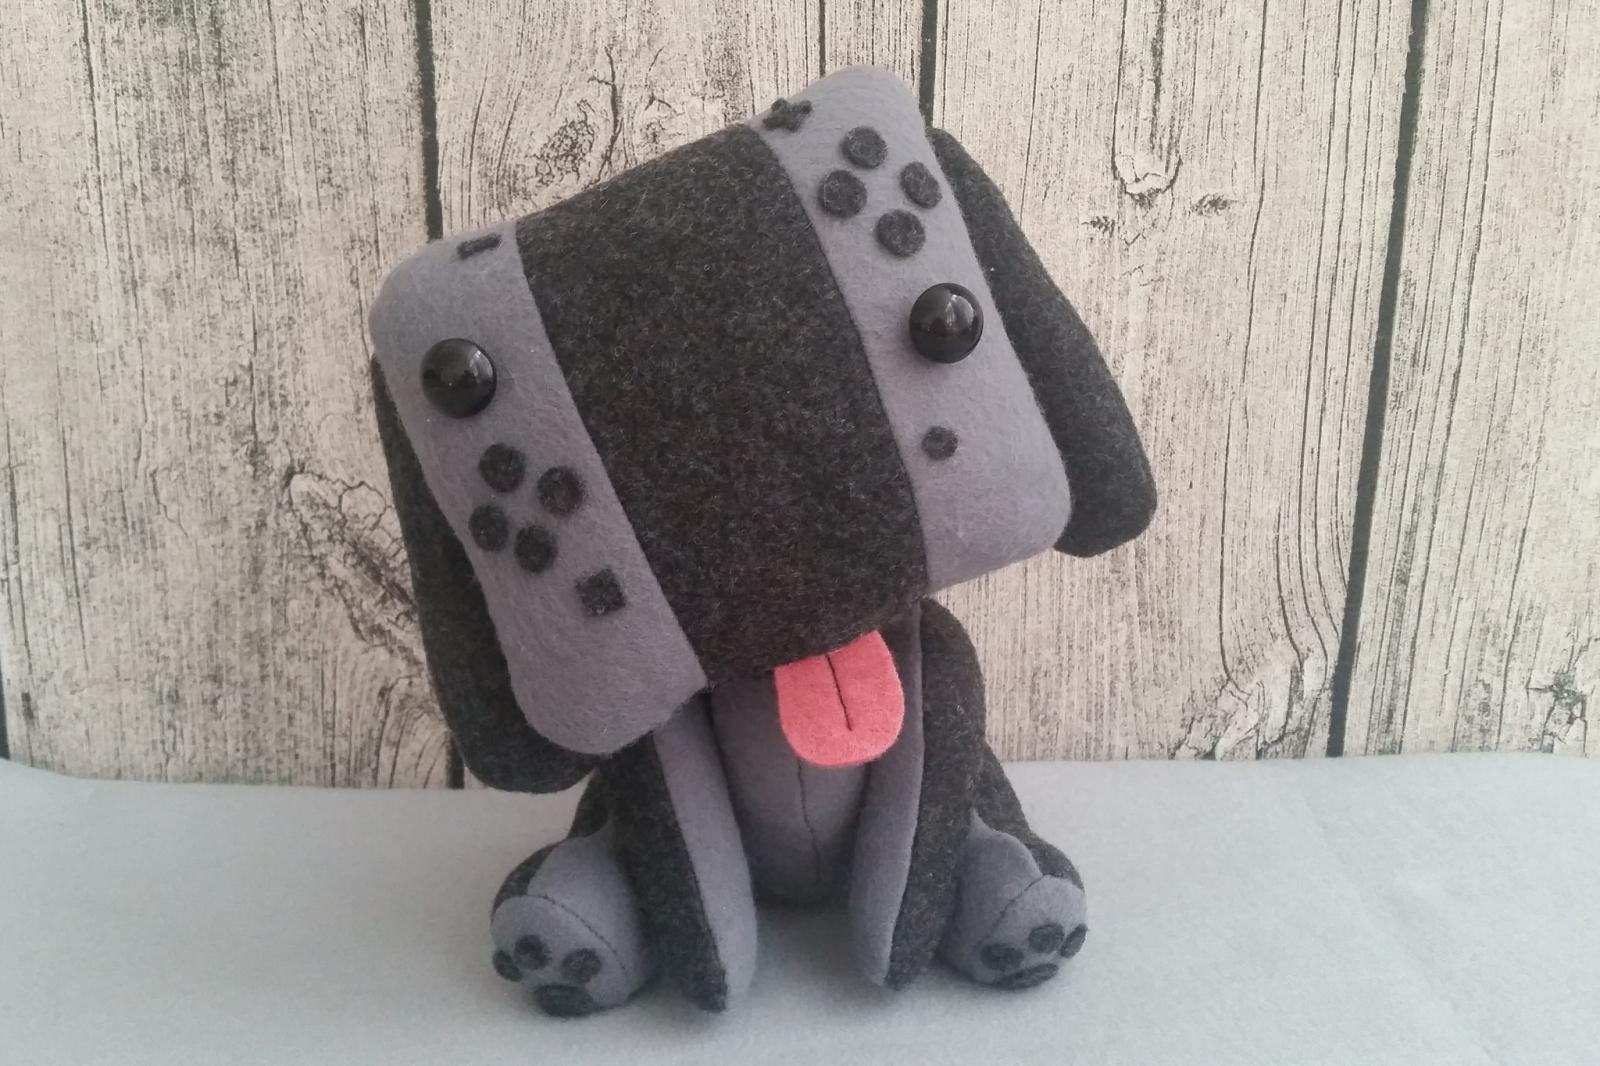 Nintendo Switch Dog Plush Toy